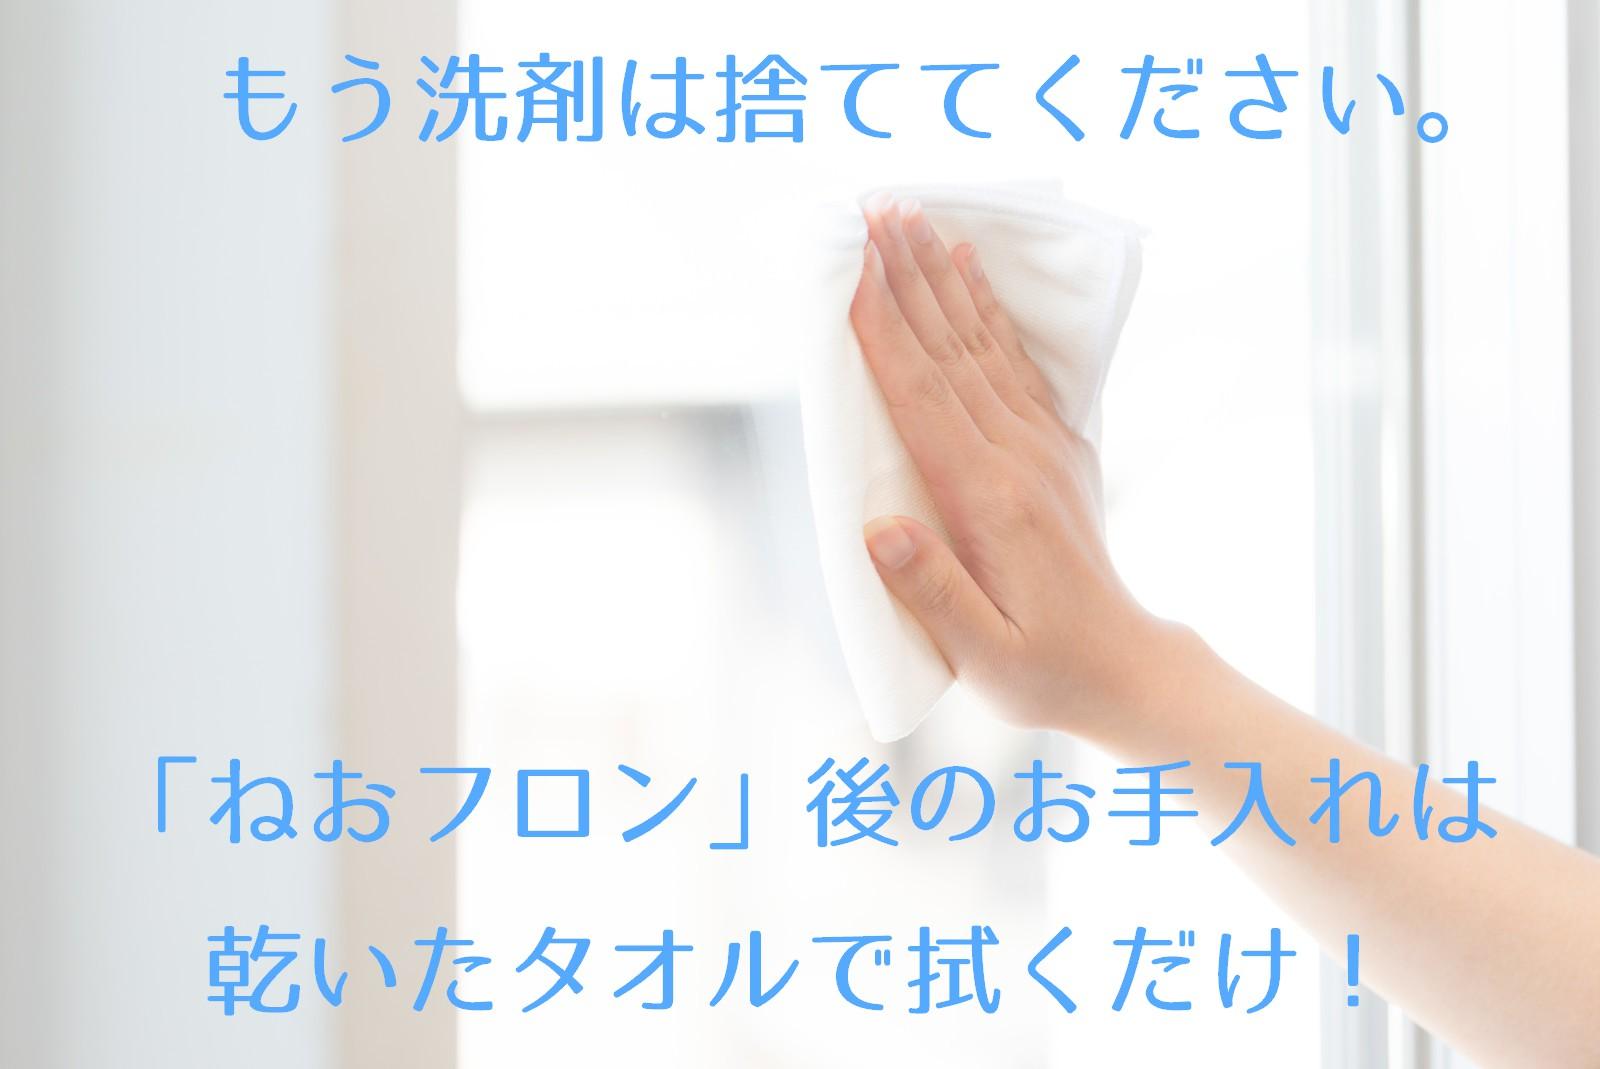 もう洗剤は捨ててください。「ねおフロン」後のお手入れは乾いたタオルで拭くだけ!